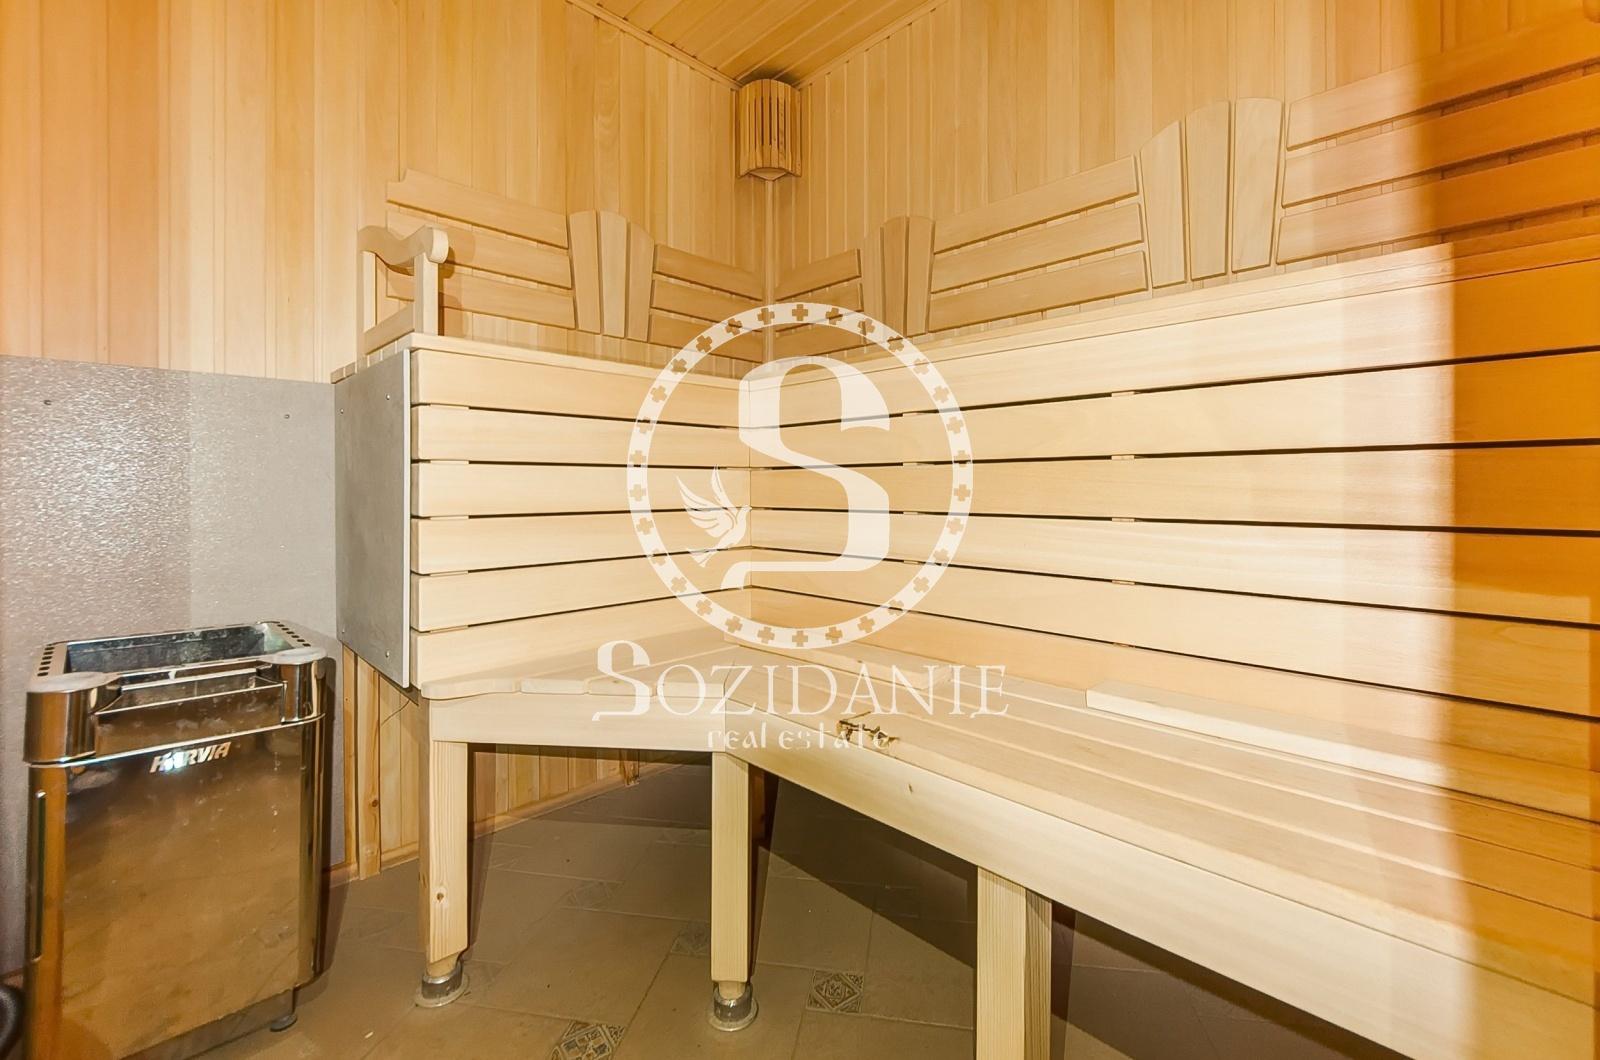 4 Bedrooms, Загородная, Продажа, Listing ID 1080, Московская область, Россия,